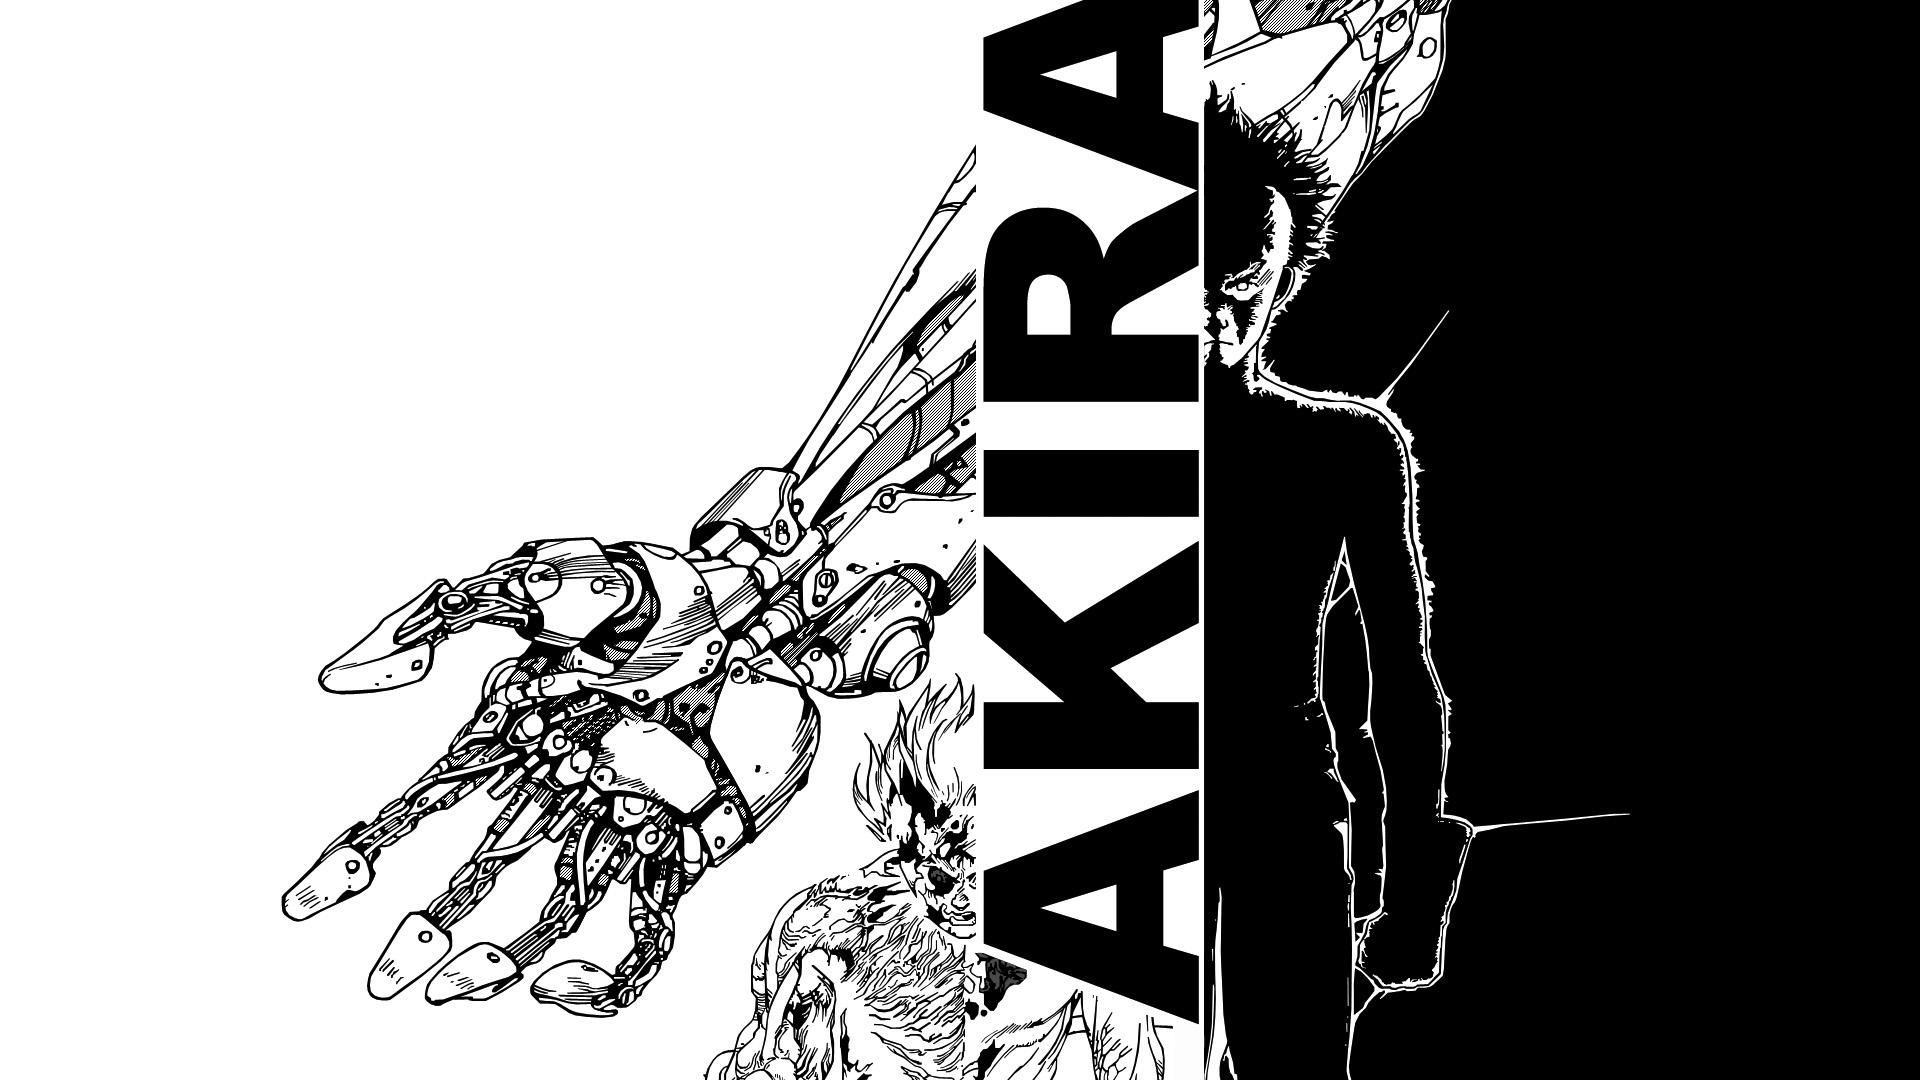 Hình nền anime đen trắng Akira